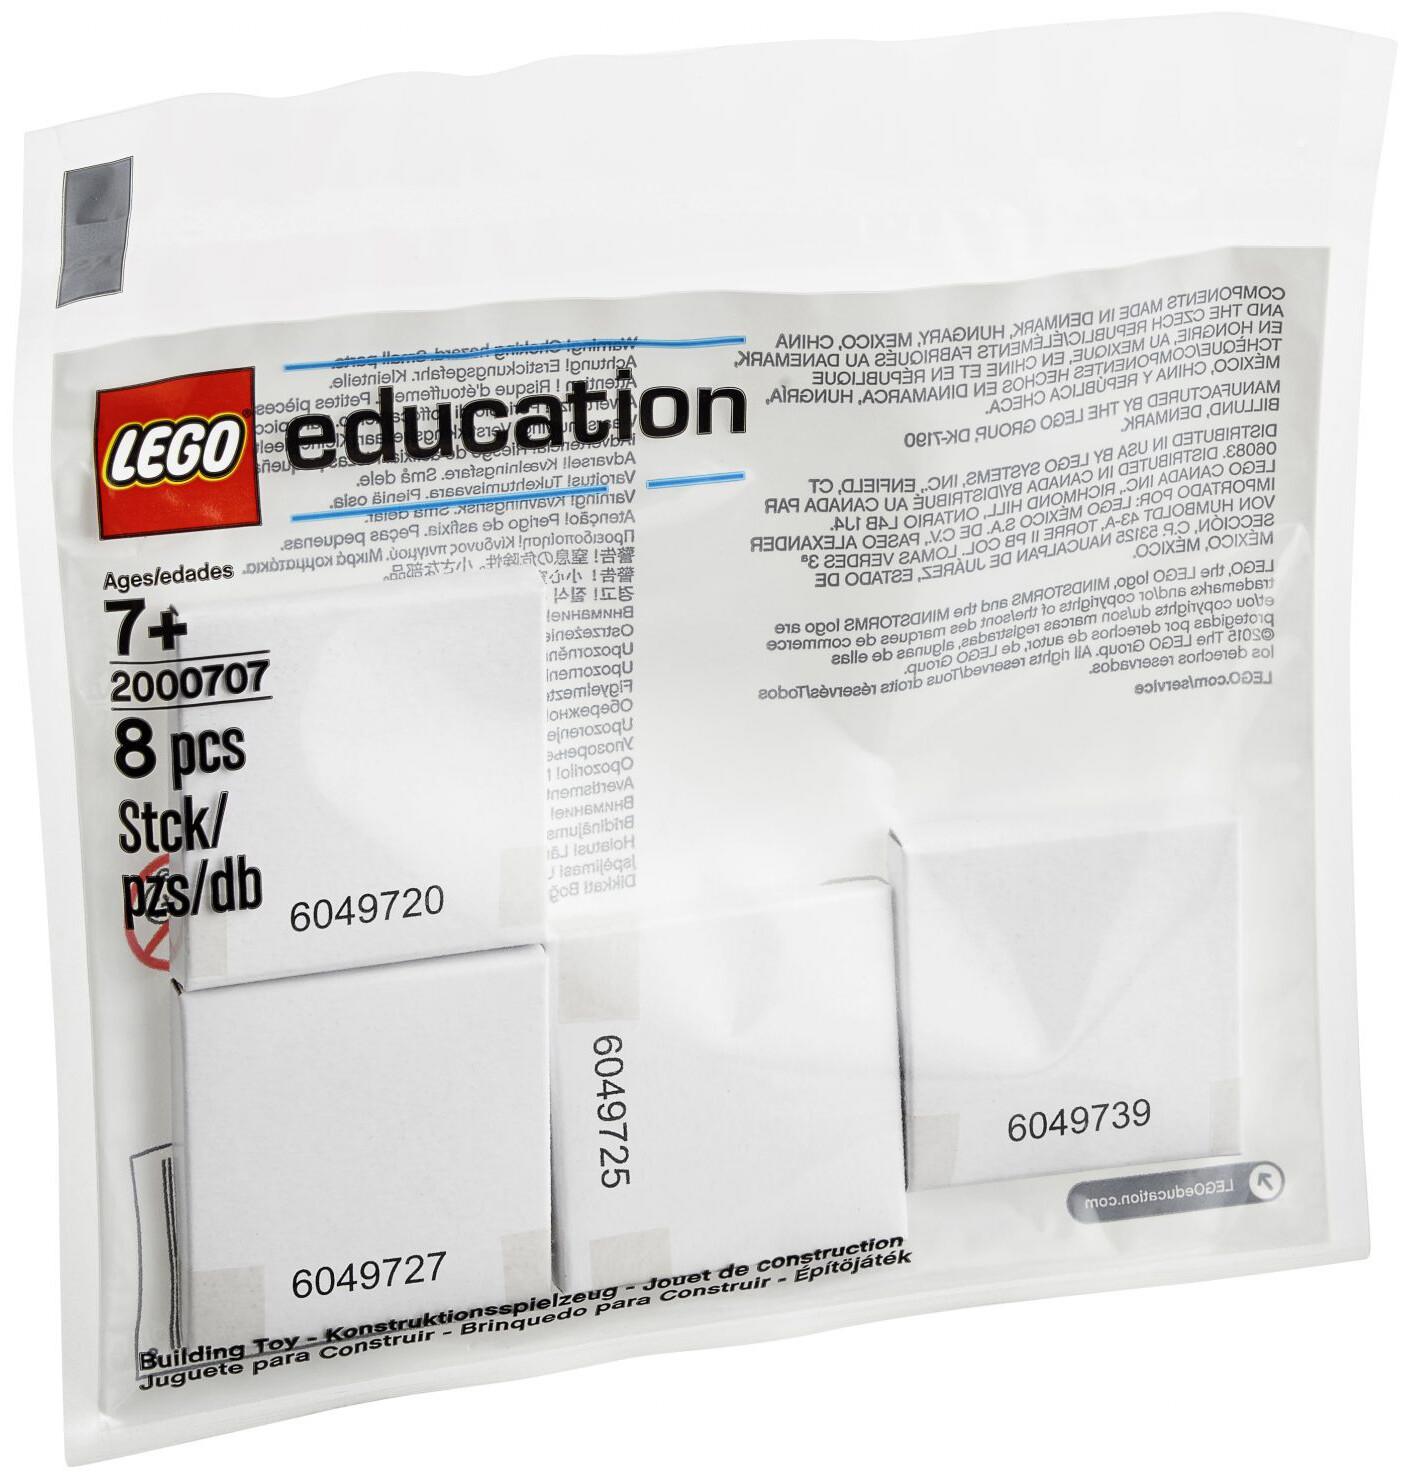 LEGO 2000707 LE набор с запасными частями «Резиновые кольца и приводы»